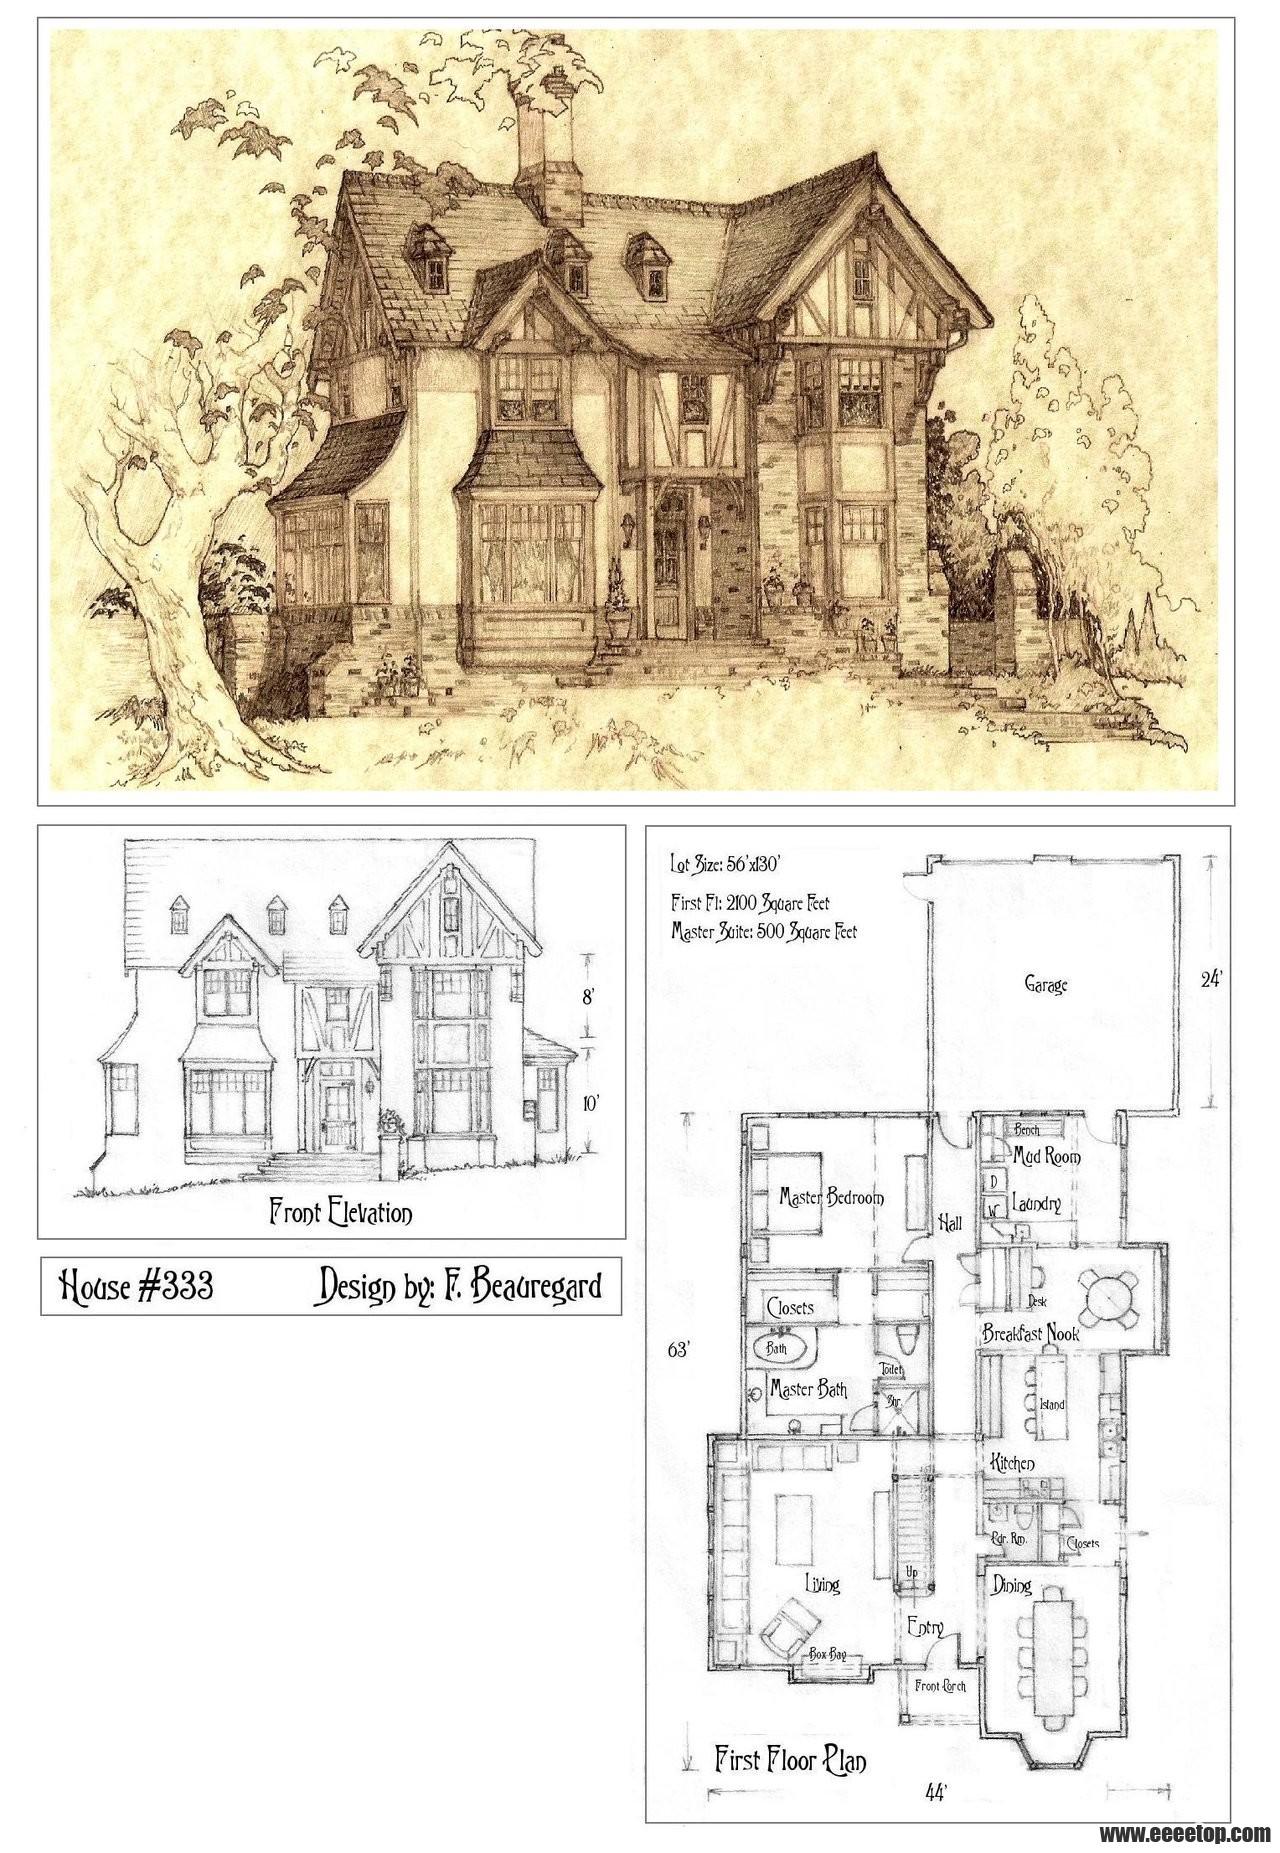 美国住宅设计师FrancoisBeauregard的图纸手折叠方案国家标准图片